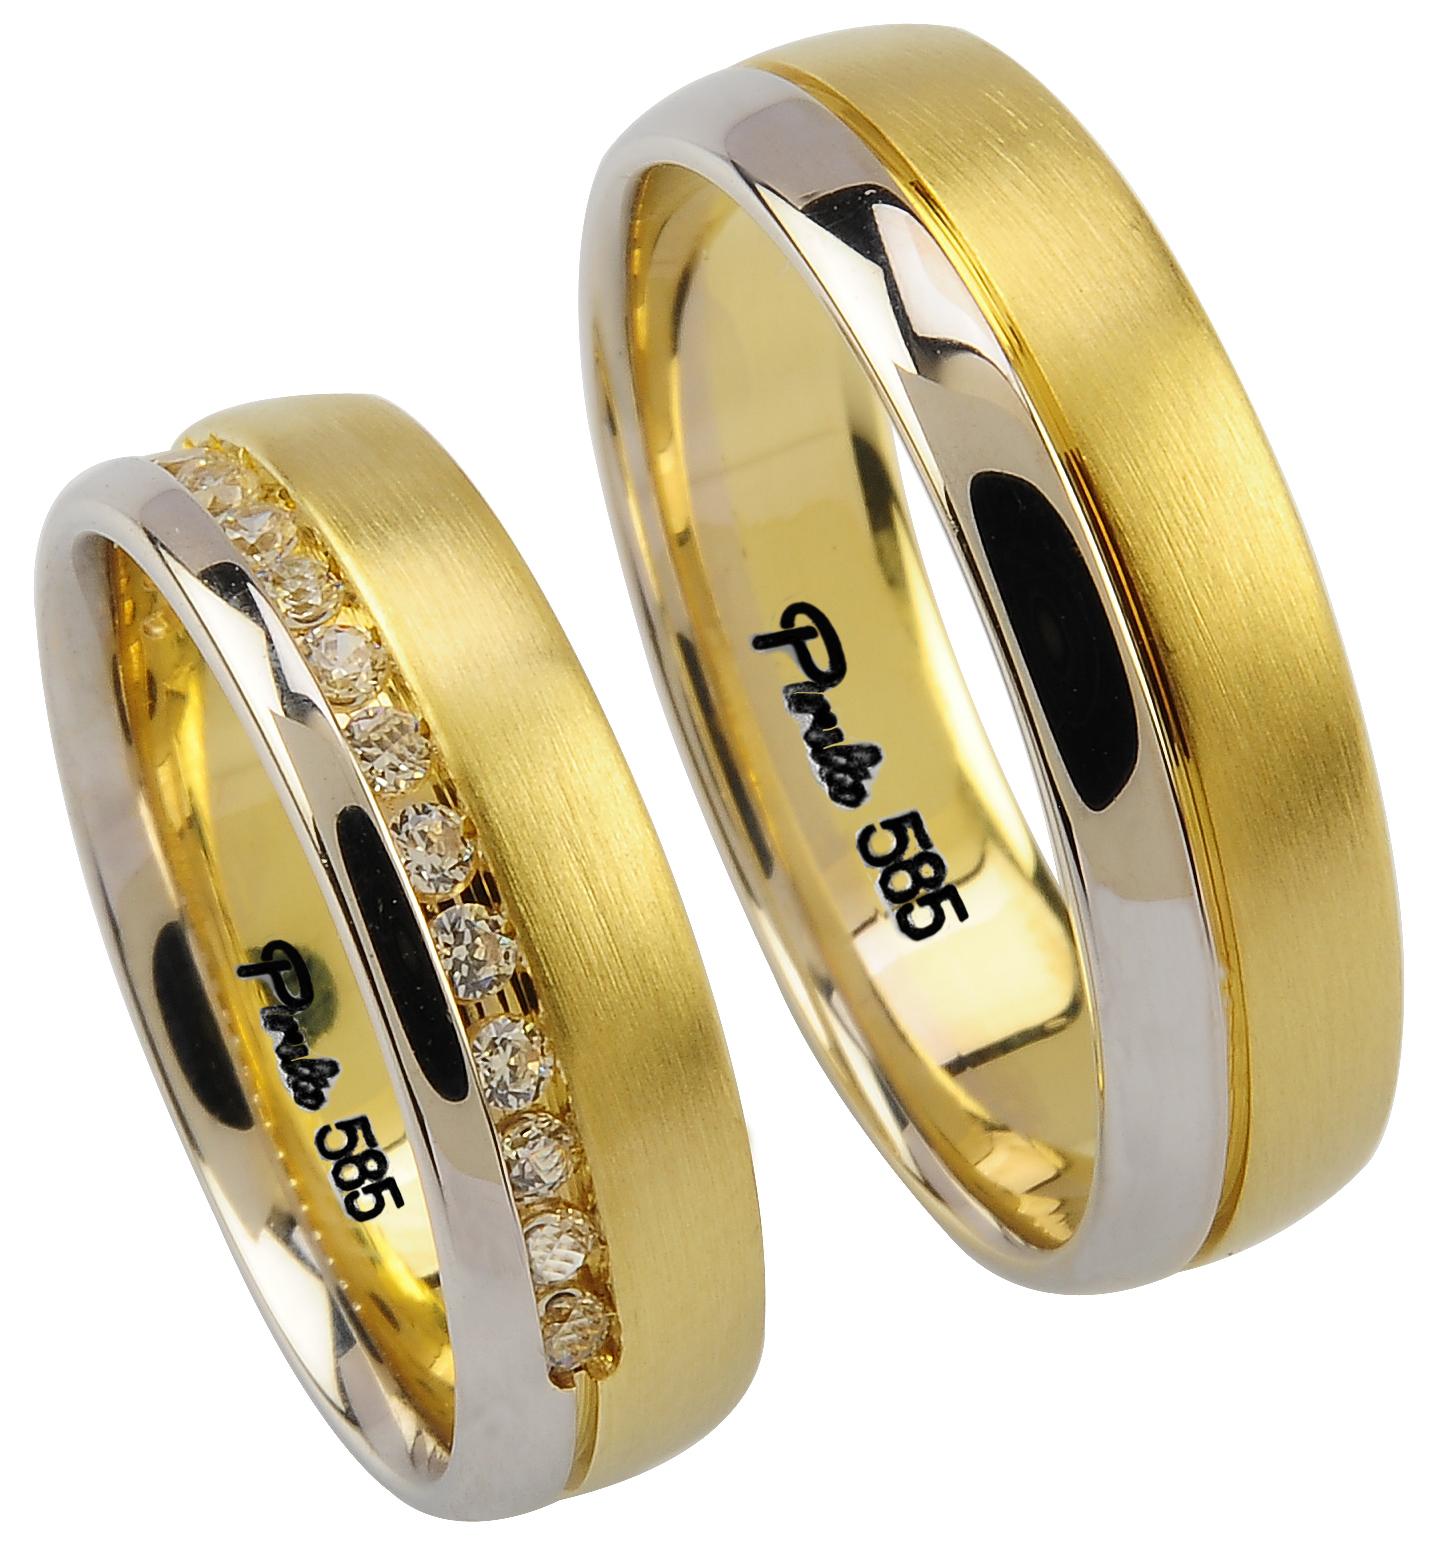 yeni trend alyans modelleri Evliliği Simgeleyen Kalın Altın Alyans Örnekleri 3